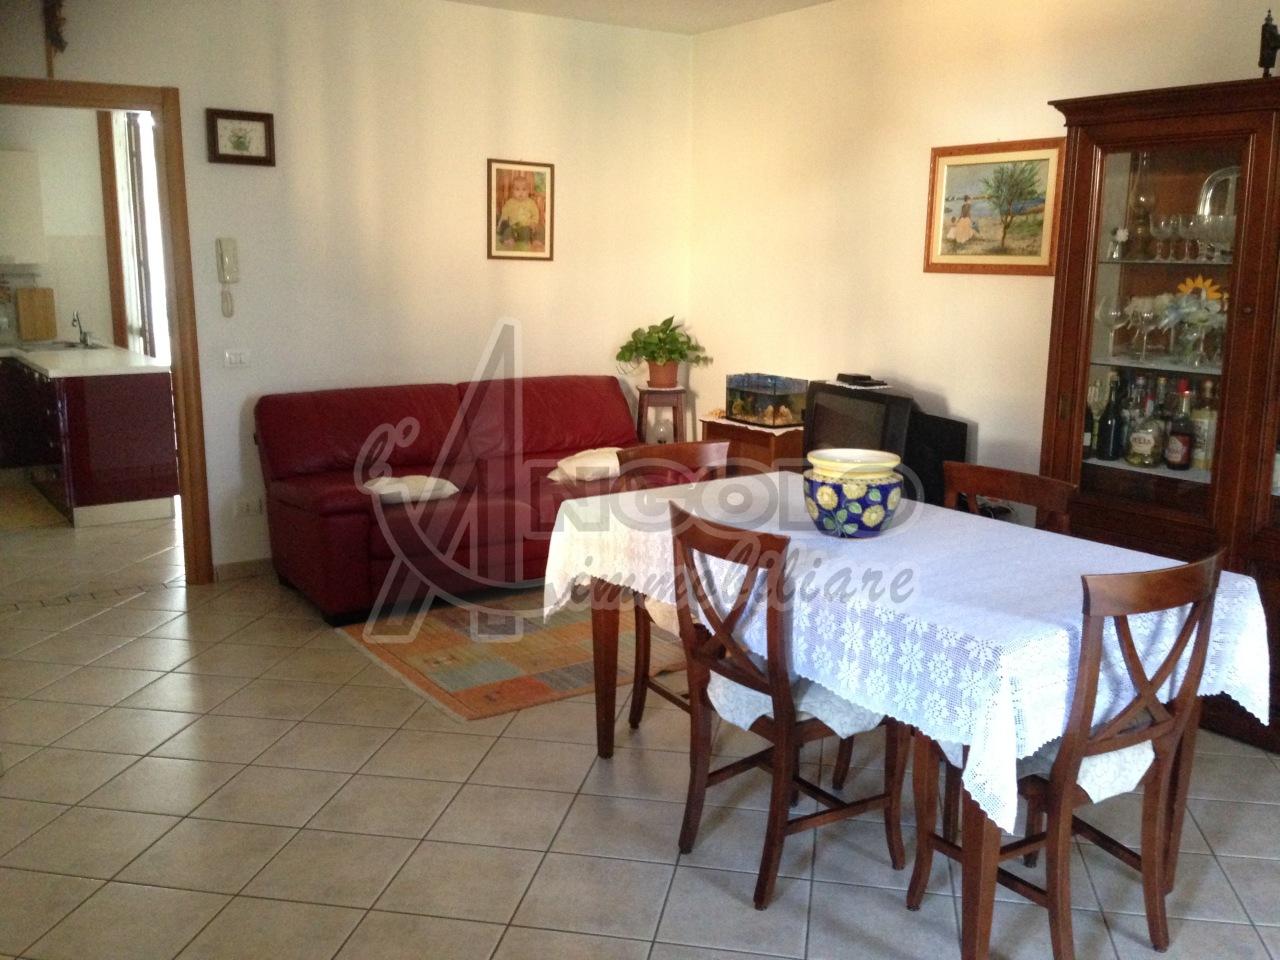 Soluzione Indipendente in vendita a Fiesso Umbertiano, 6 locali, prezzo € 135.000 | Cambio Casa.it